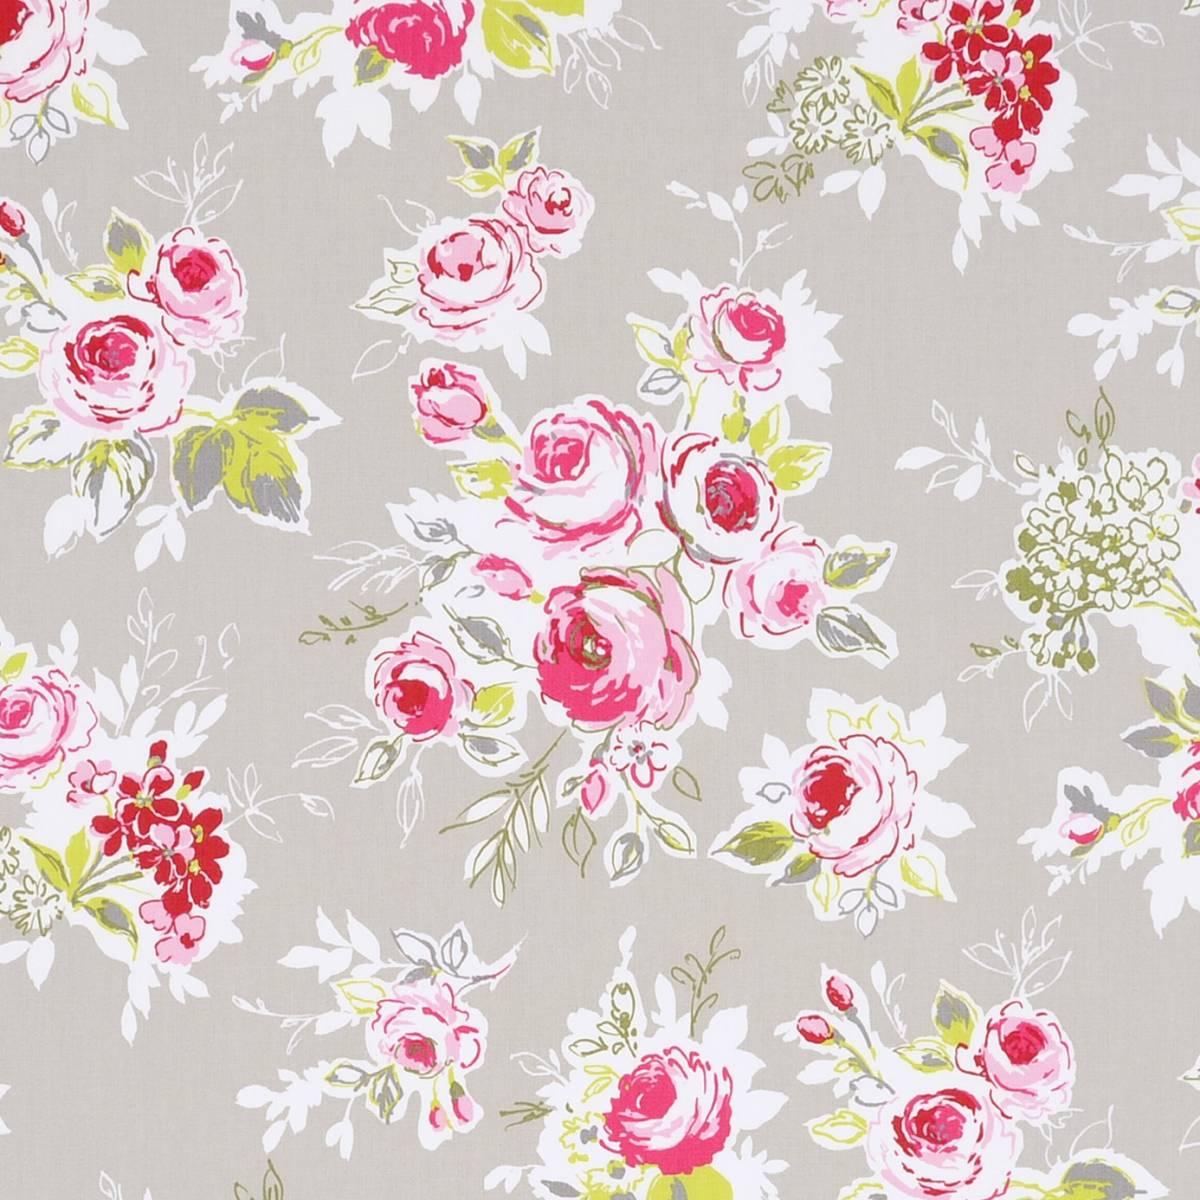 Rose garden fabric pebble f0842 05 studio g garden for Garden party fabric by blackbird designs